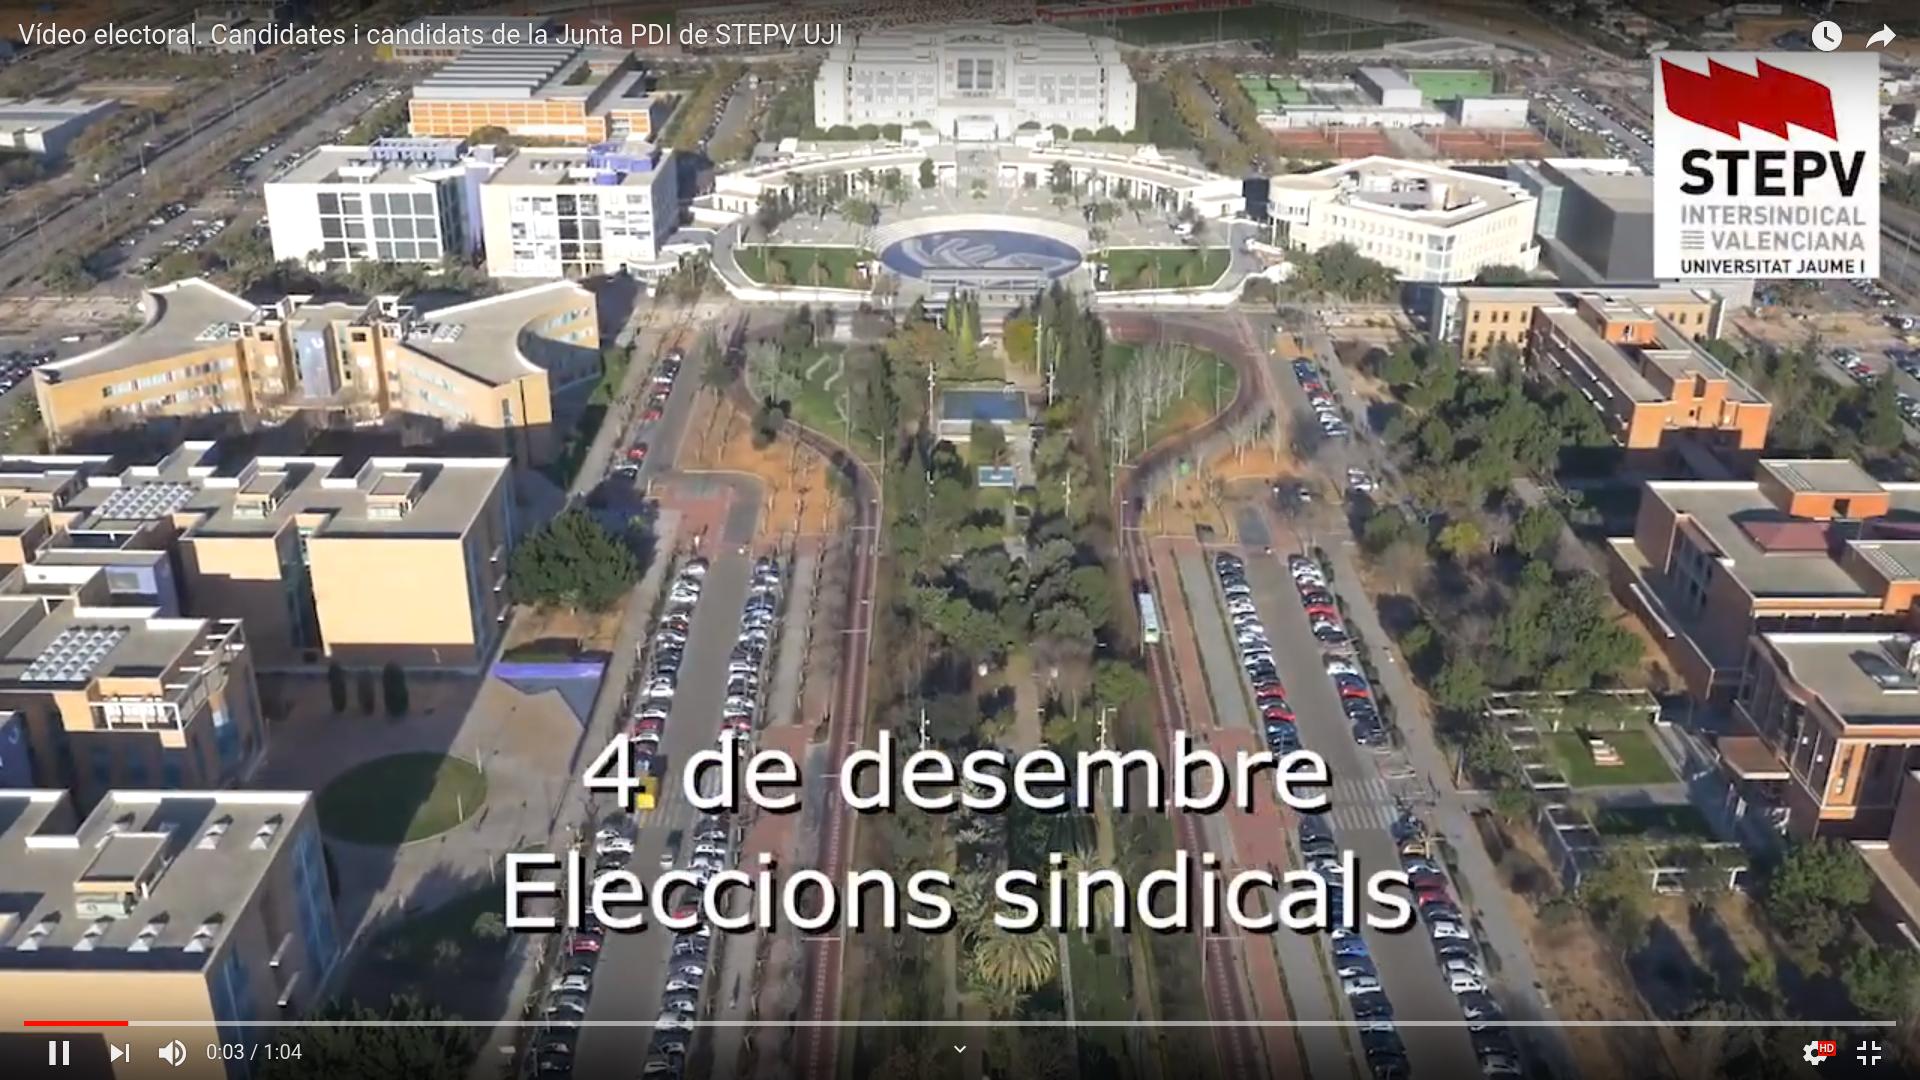 Vídeo electoral. Candidates i candidats de la Junta PDI de STEPV UJI